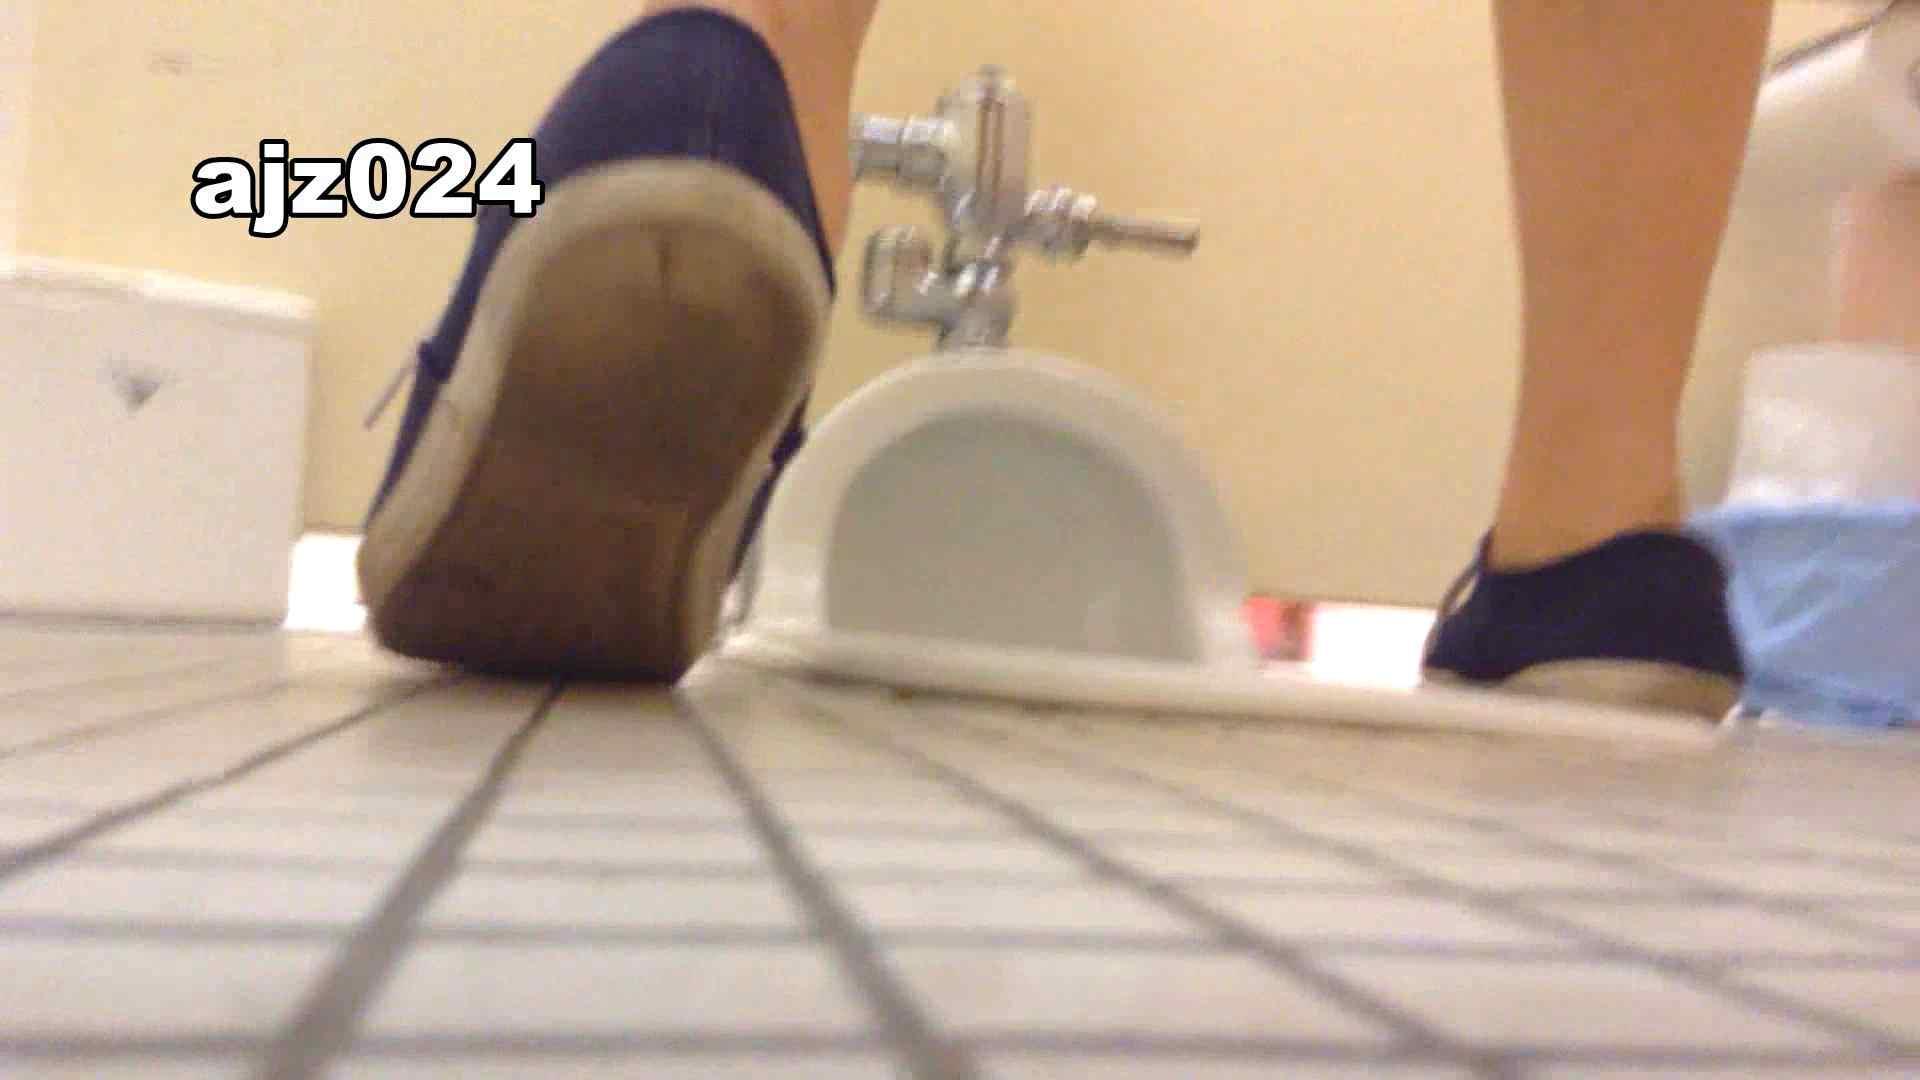 某有名大学女性洗面所 vol.24 OLのボディ AV無料動画キャプチャ 56PIX 27